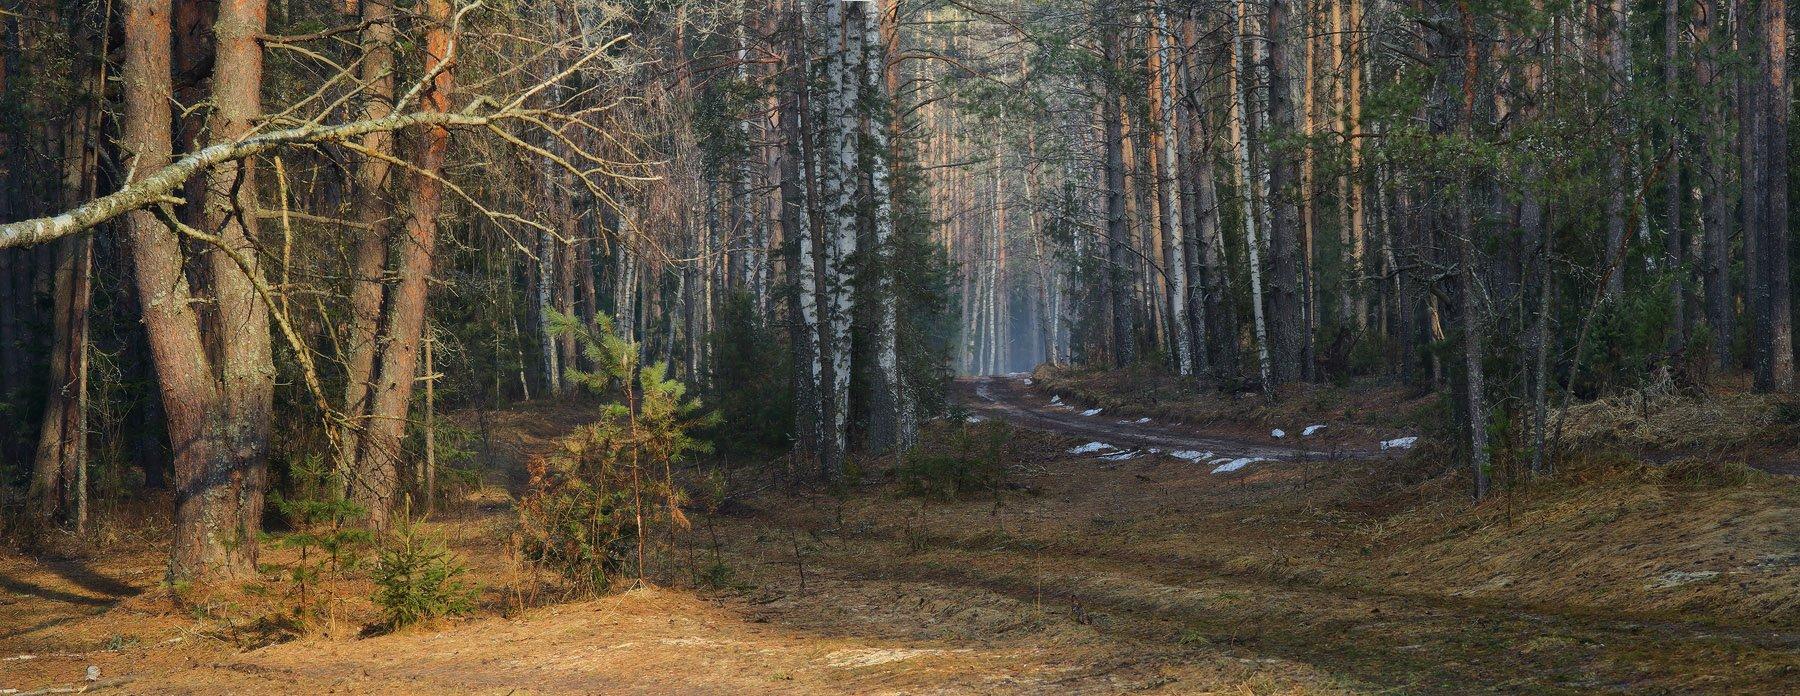 апрель лес снег утро, Дмитрий Алексеев